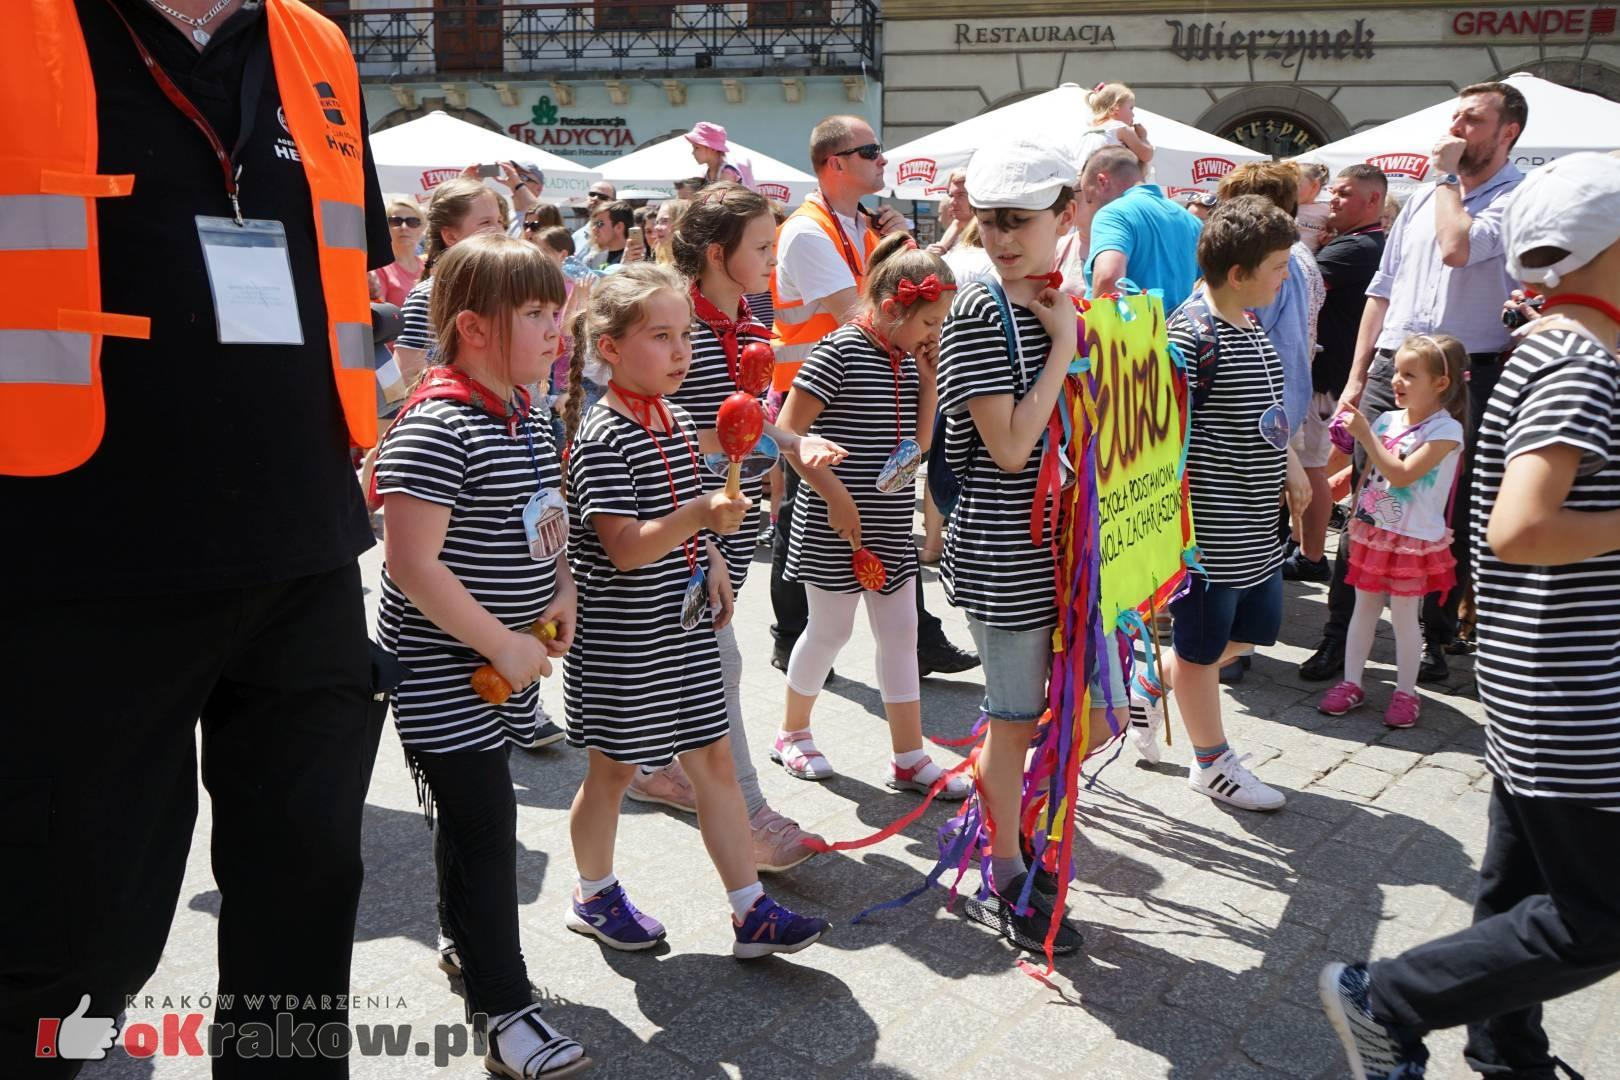 wielka parada smokow przeszla przez krakow w 40 smokow do okola swiata 2019 43 150x150 - Parada Smoków przeszła przez Kraków. Obszerna galeria zdjęć - 2 czerwca 2019 w Krakowie